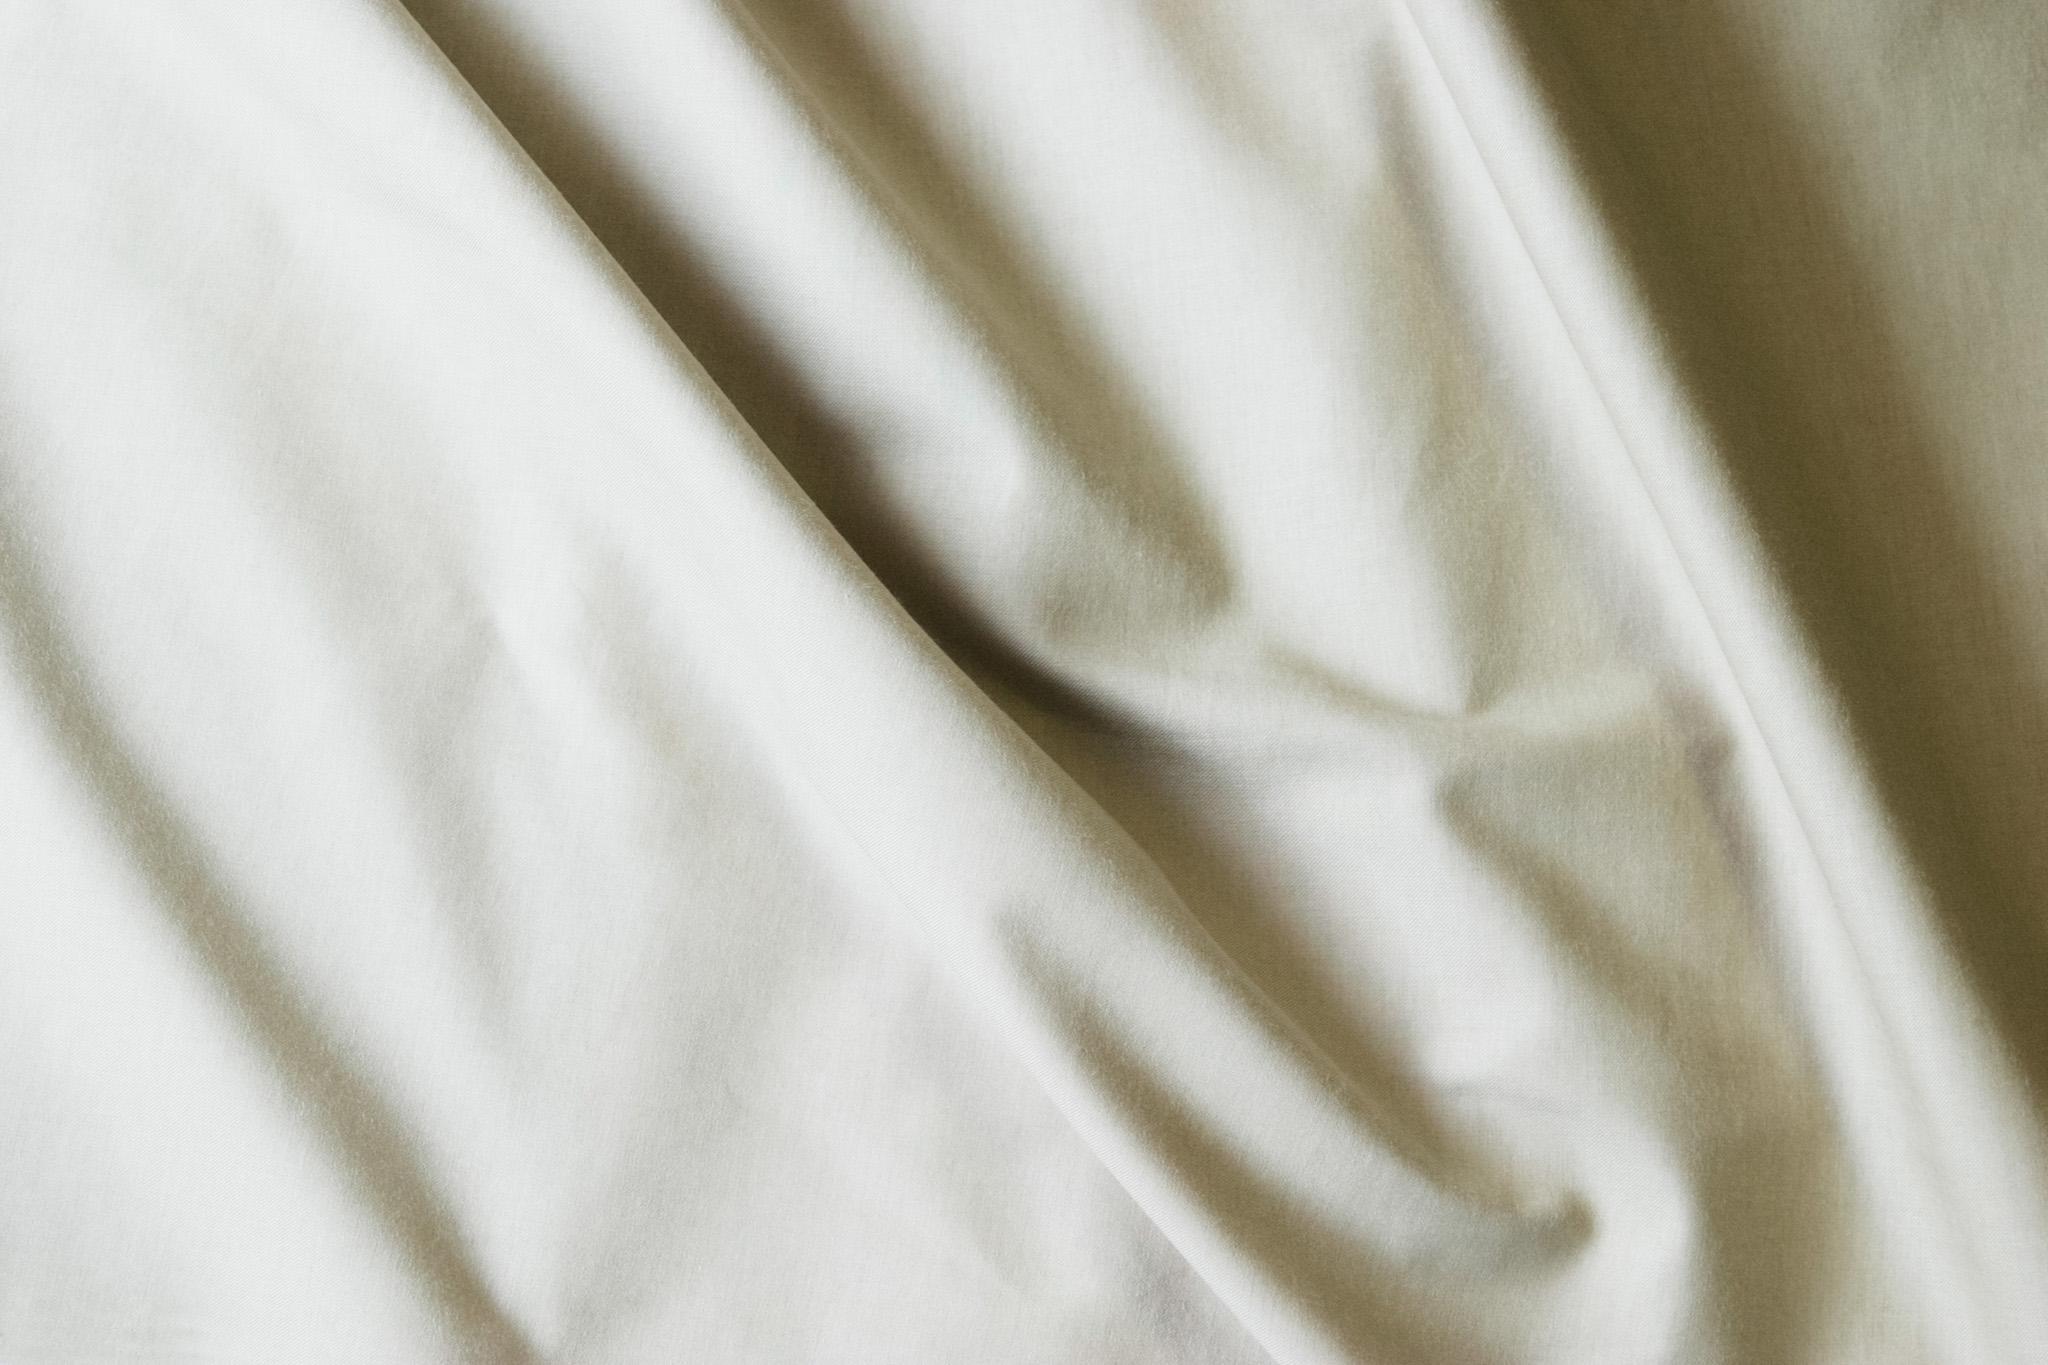 「オーガニックな雰囲気の白い布」